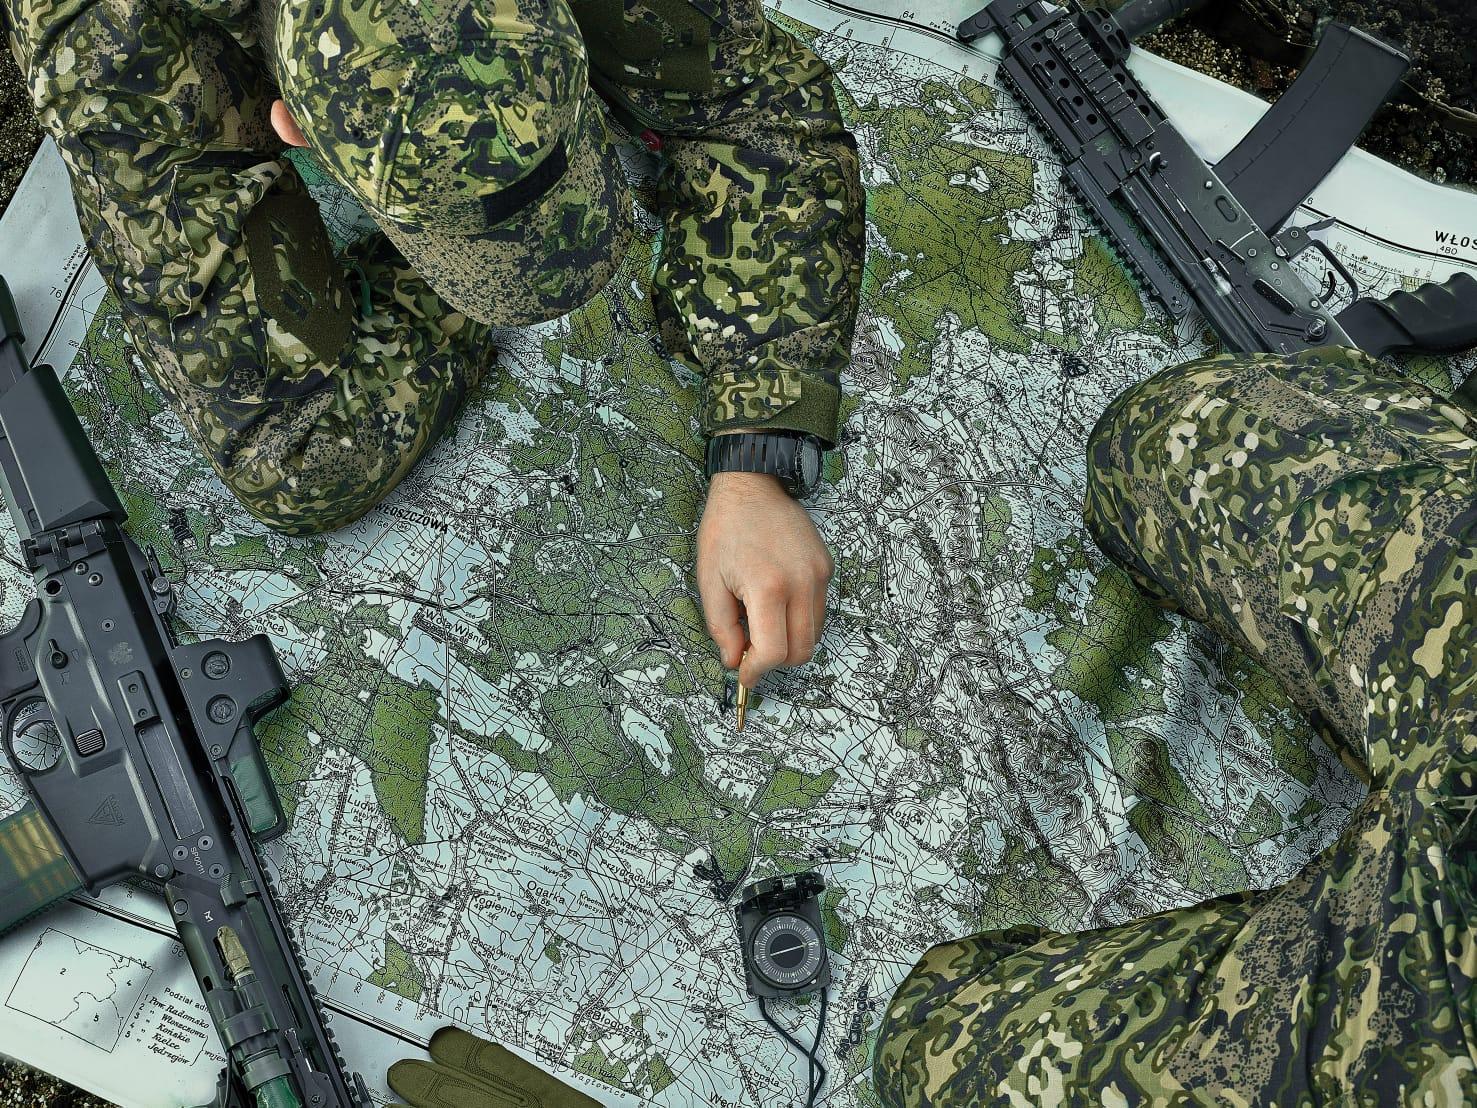 zestaw mundurowy w kamuflażu MAPA od marki Maskpol; osoby w mundurach sprawdzają mapę